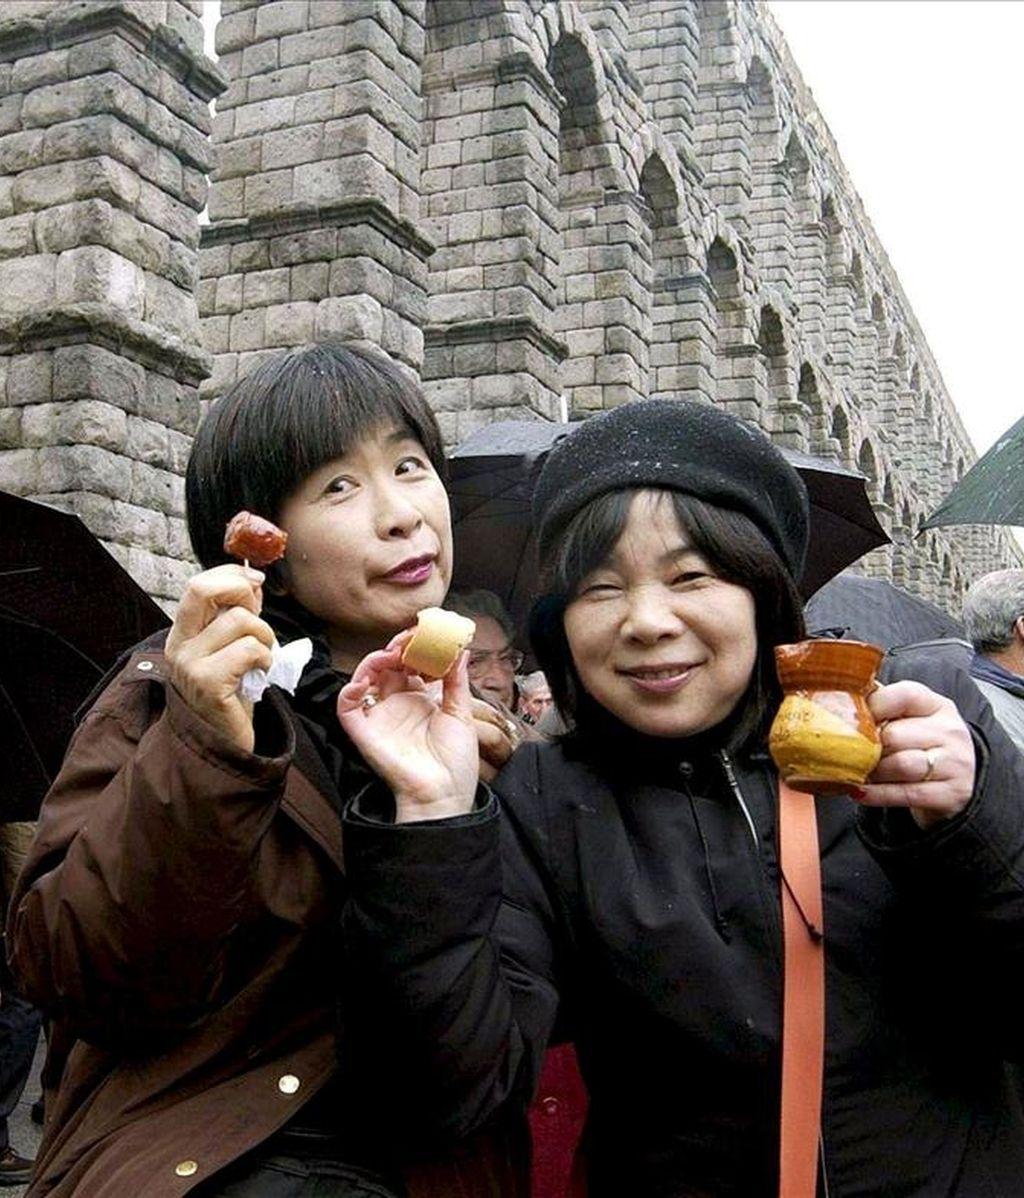 Dos turistas japonesas disfrutan de la gastronomía típica en Segovia. EFE/Archivo